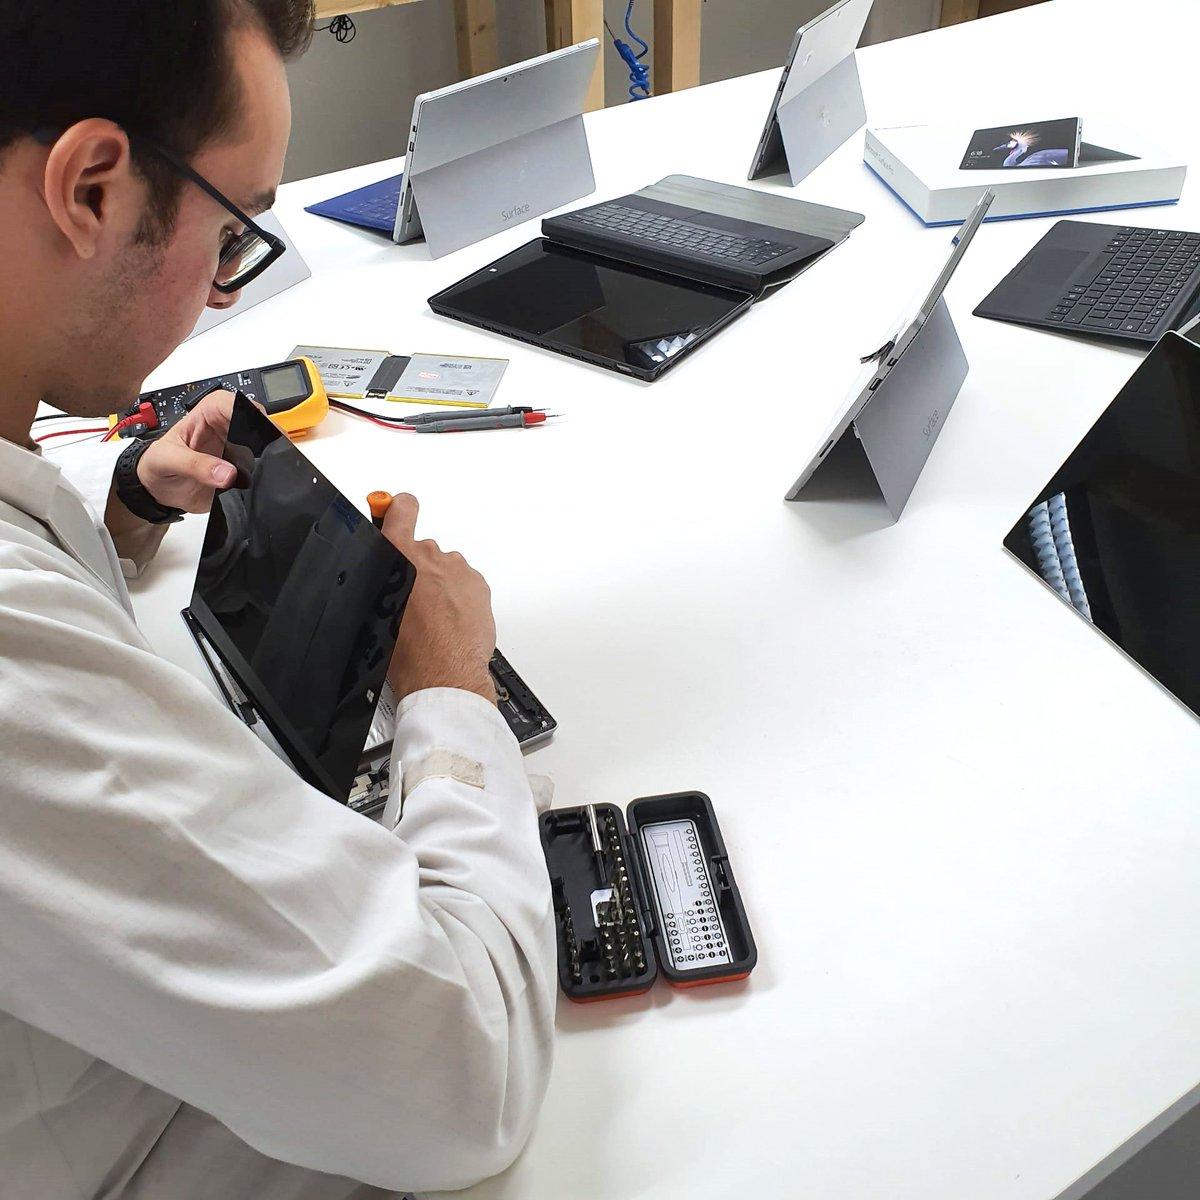 Possuímos Técnicos especializados na reparação de Microsoft Surface. Sempre com garantia sobre o serviço.  Consegue um orçamento grátis em http://www.ptelemoveis.pt | 244001251 | suporte@ptelemoveis.pt  #ptelemoveis #surface #microsoftrepair pic.twitter.com/EJxbUh1Oem